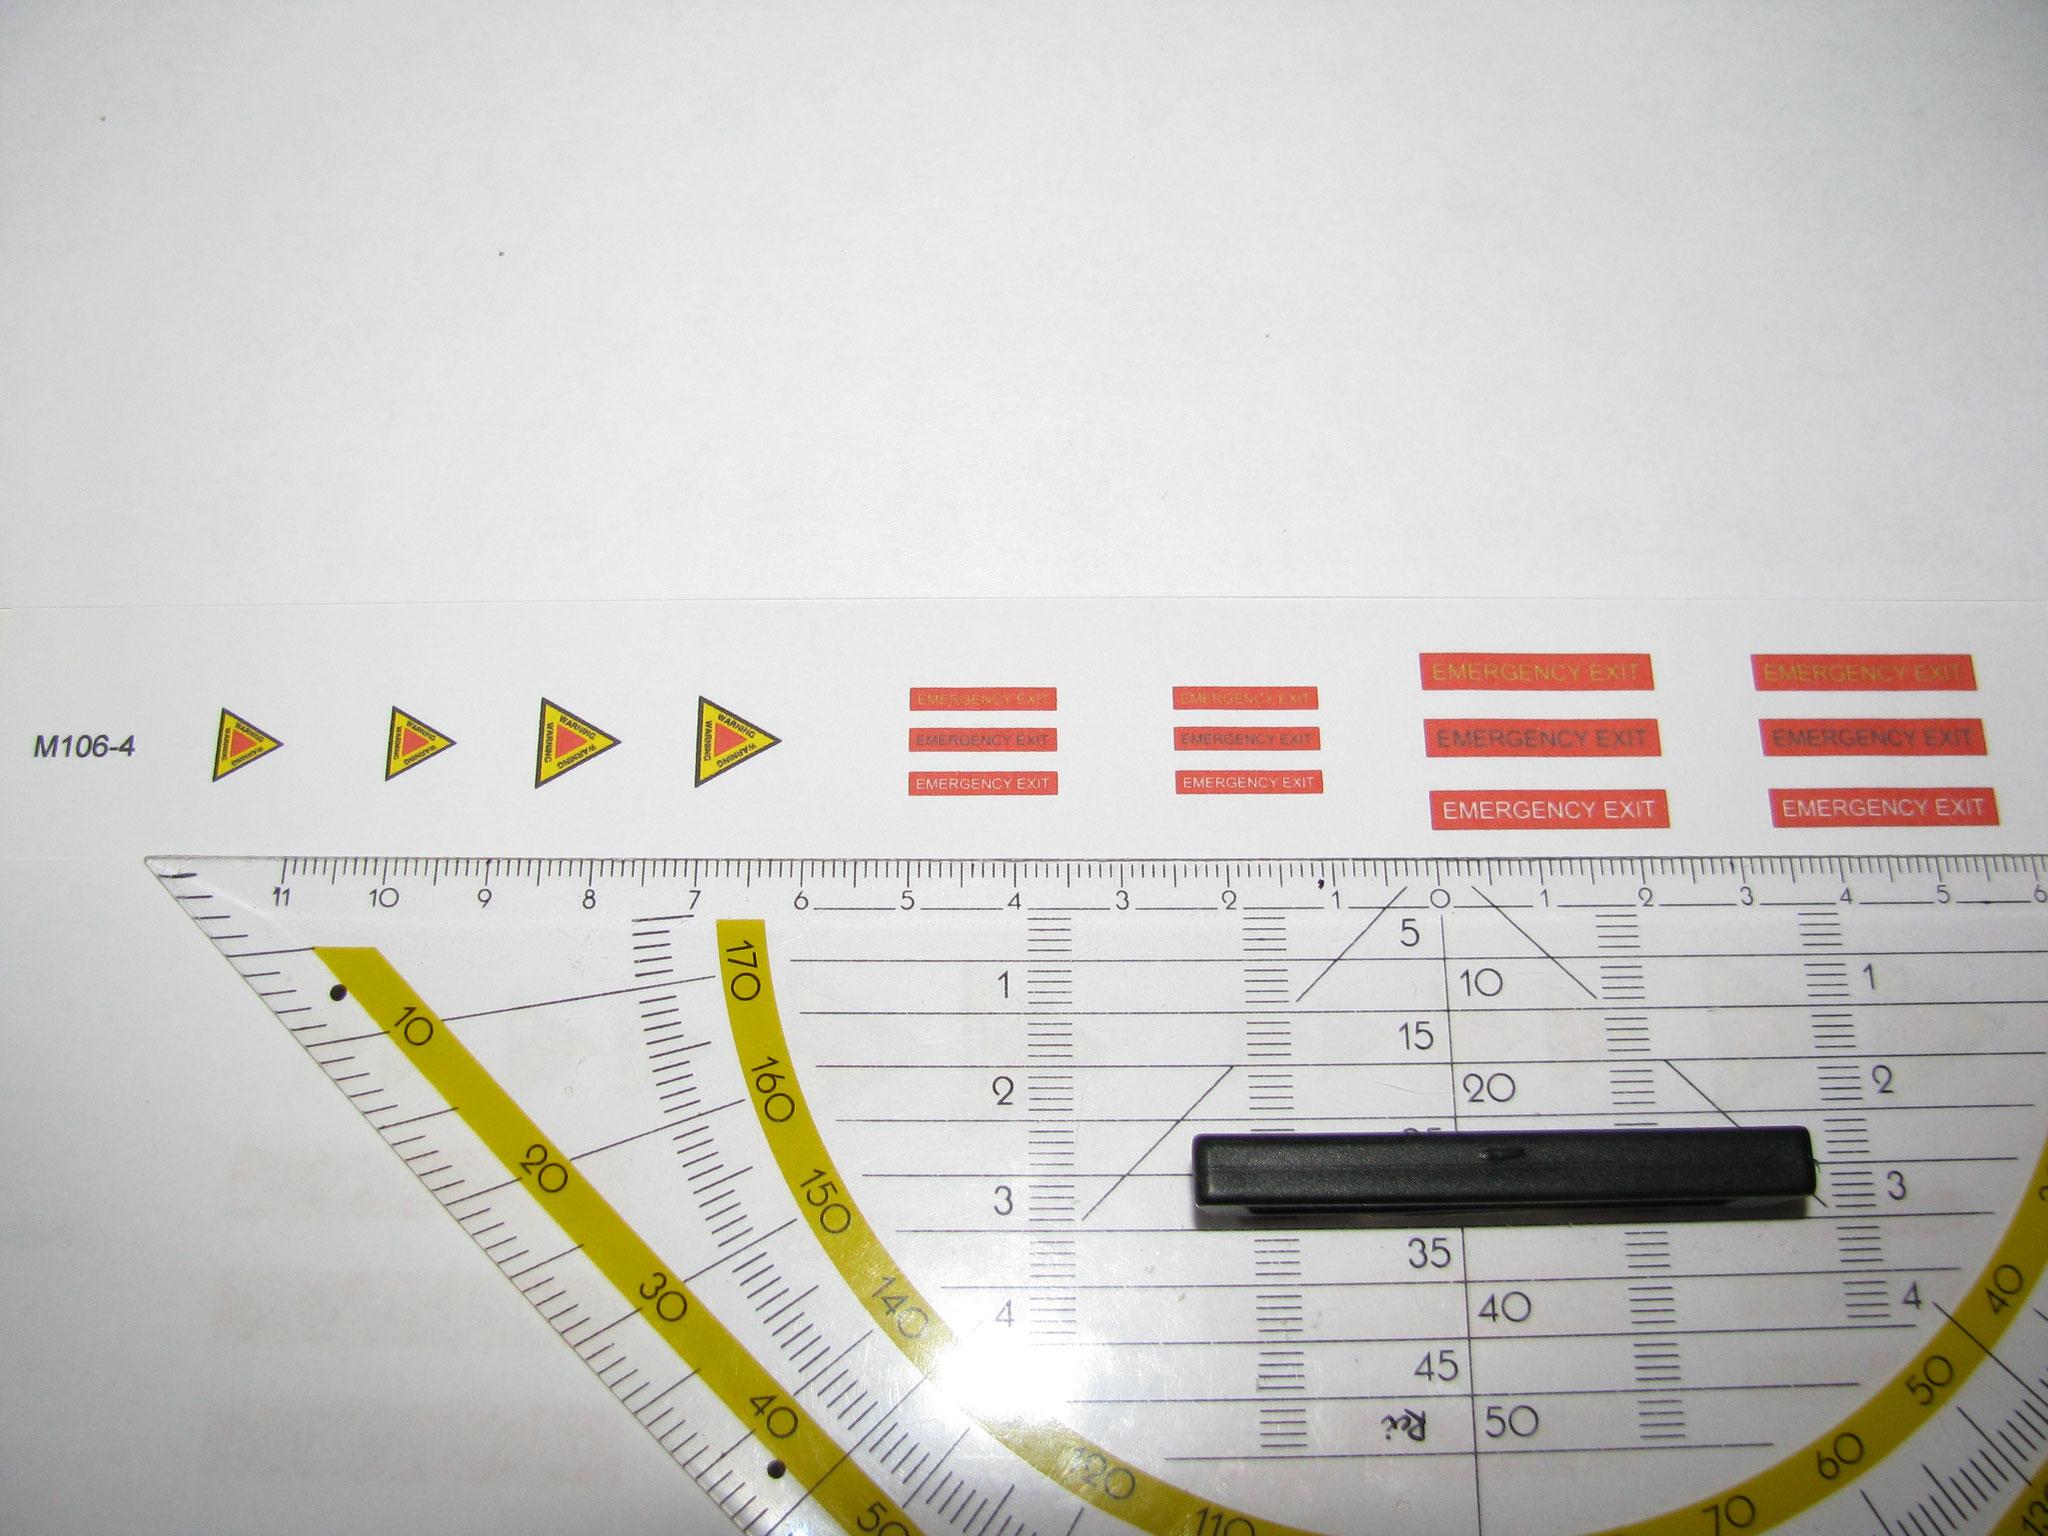 M106-4: Emergency Exit & Achtung Triebwerk. 16 Decals. Max 25x4mm